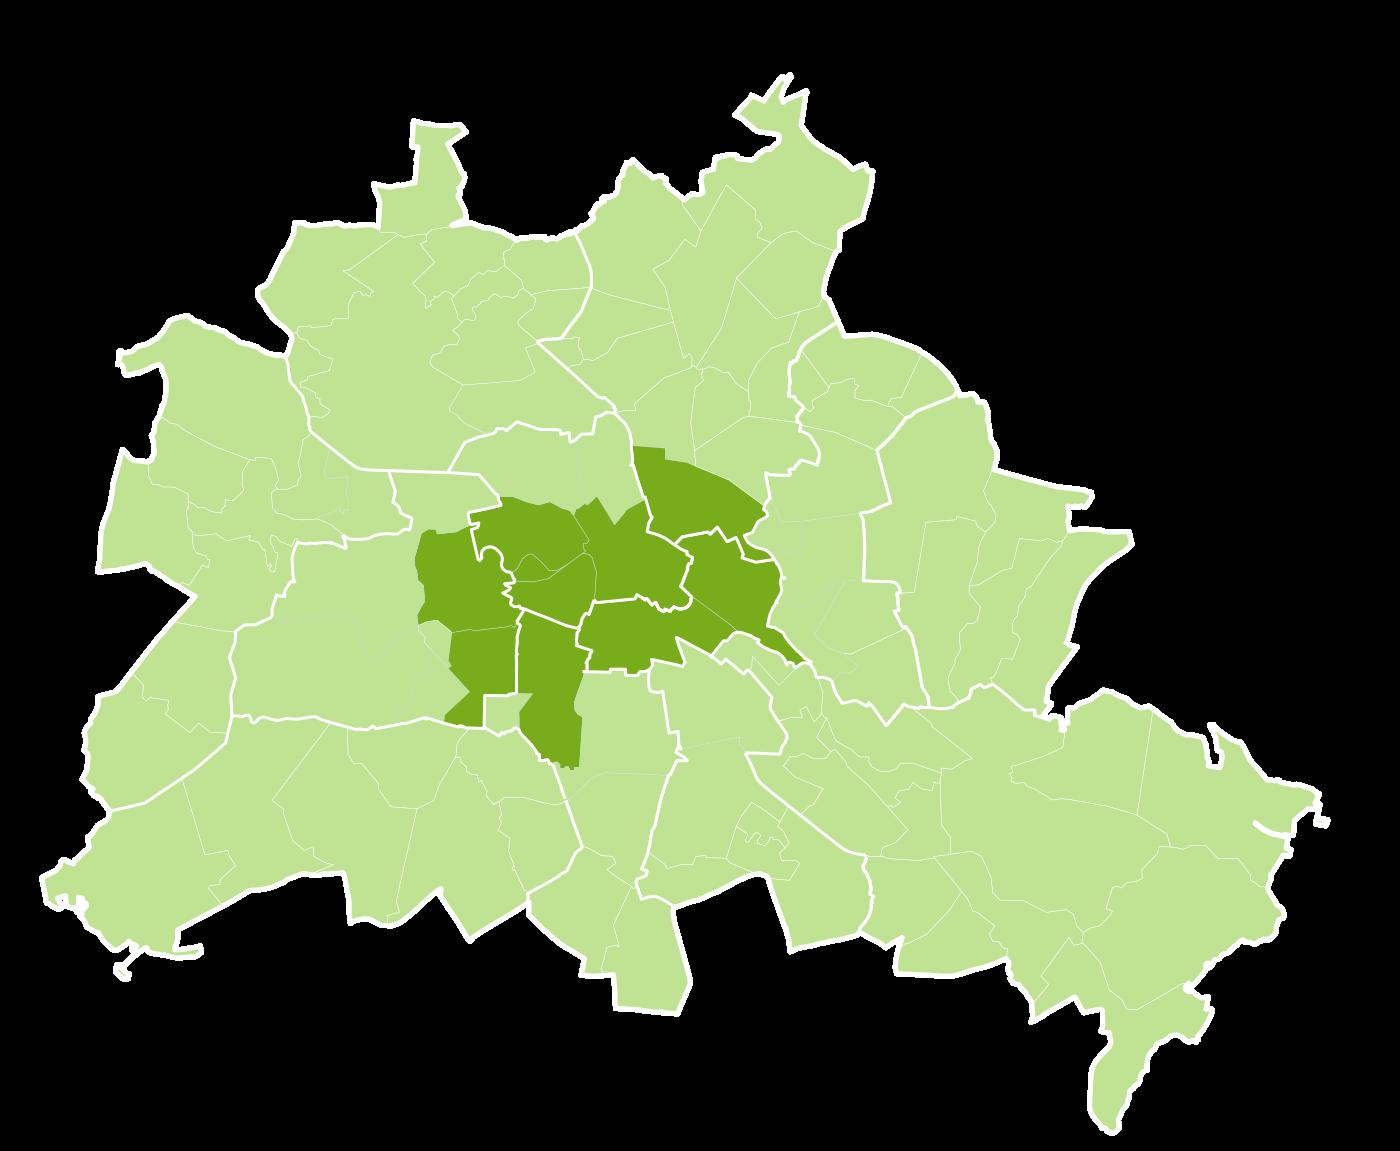 berlin-map-bio-lieferdienst-zonen